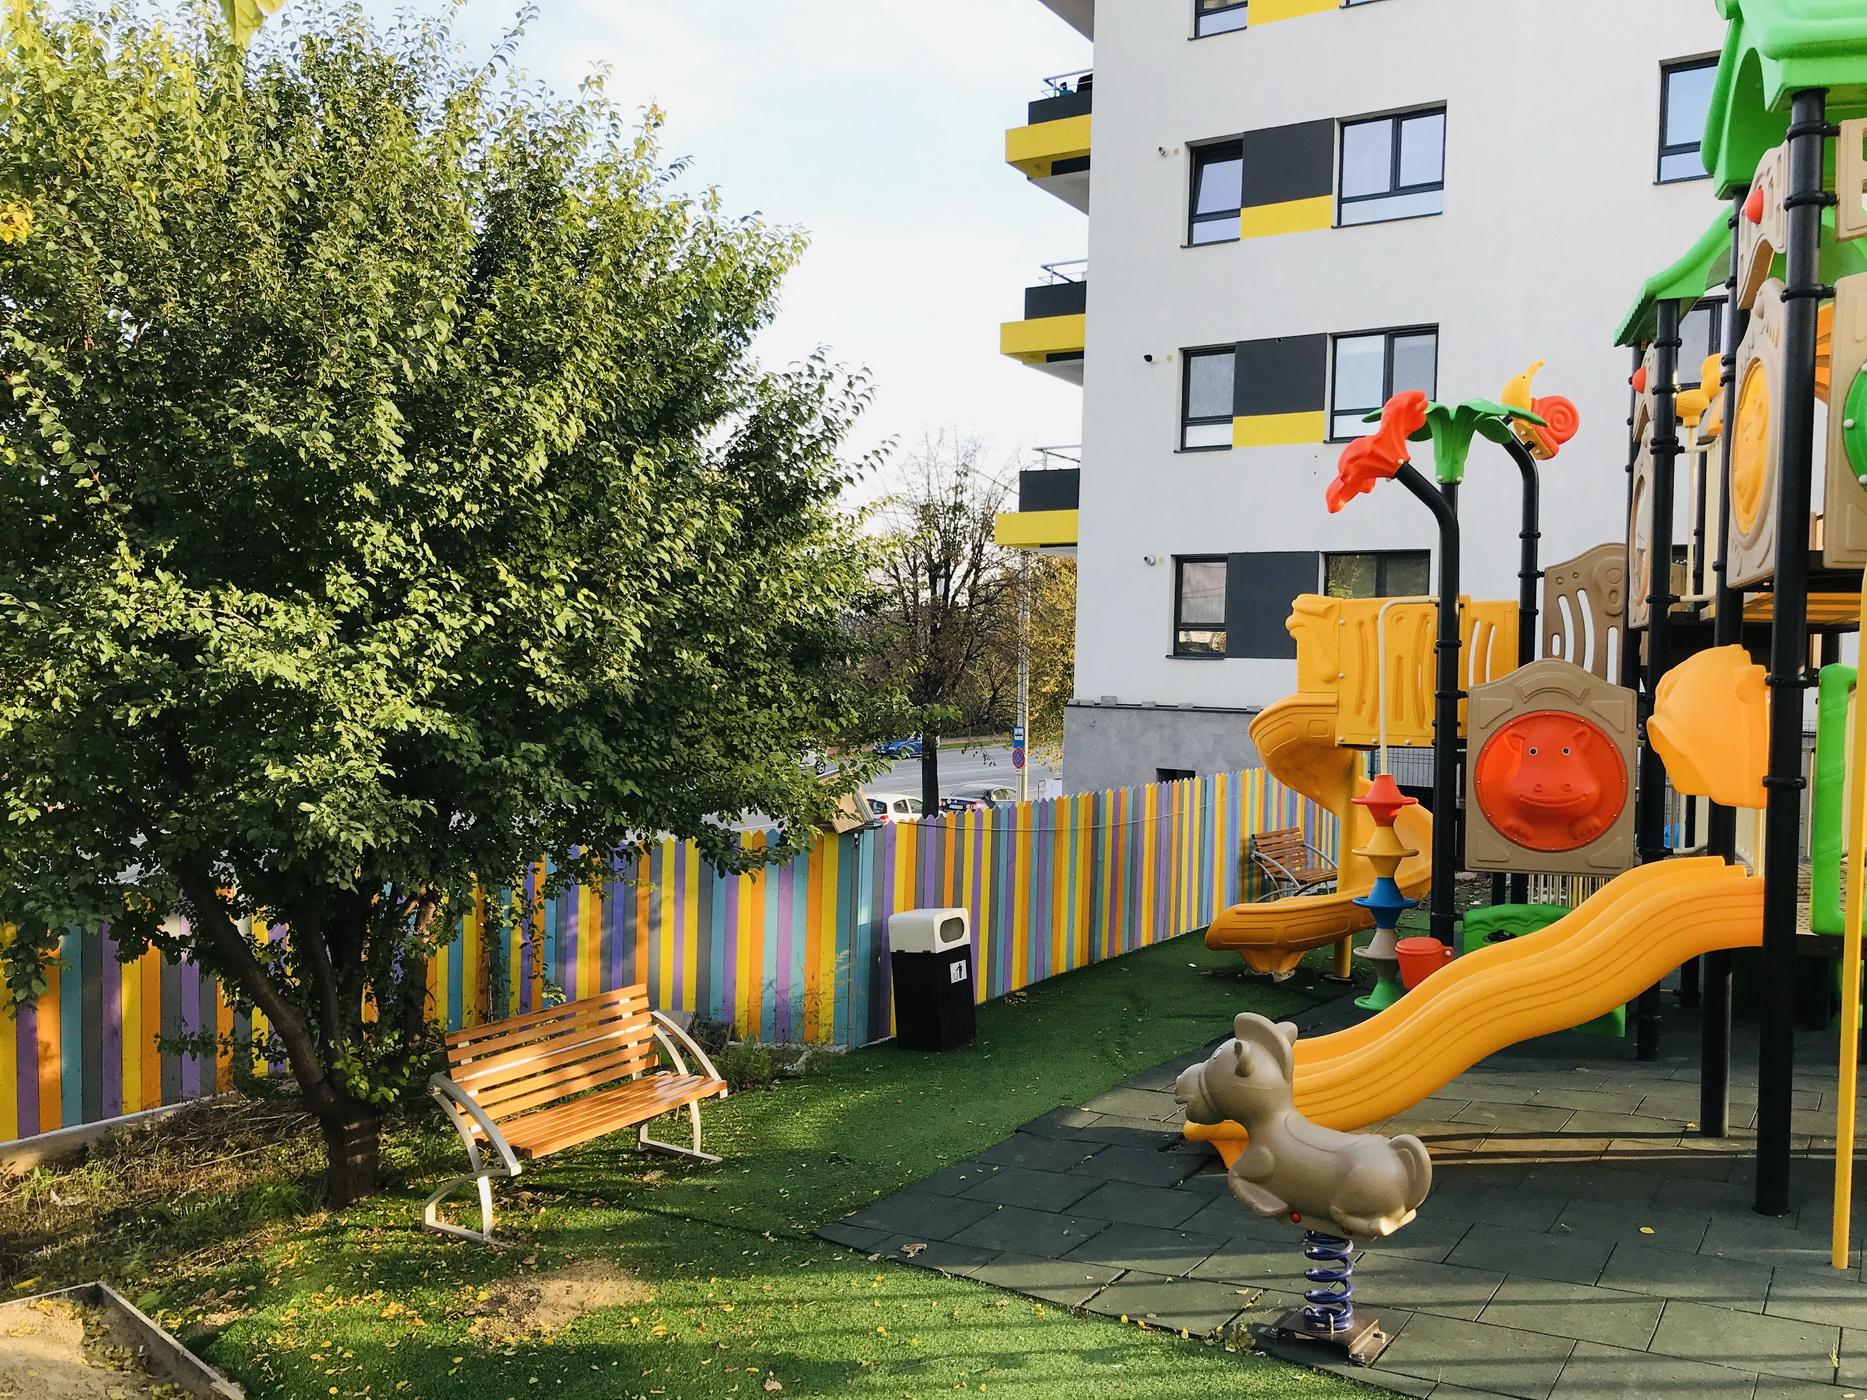 Loc de joacă pentru copii ansamblul rezidential Fusion Towers Iasi